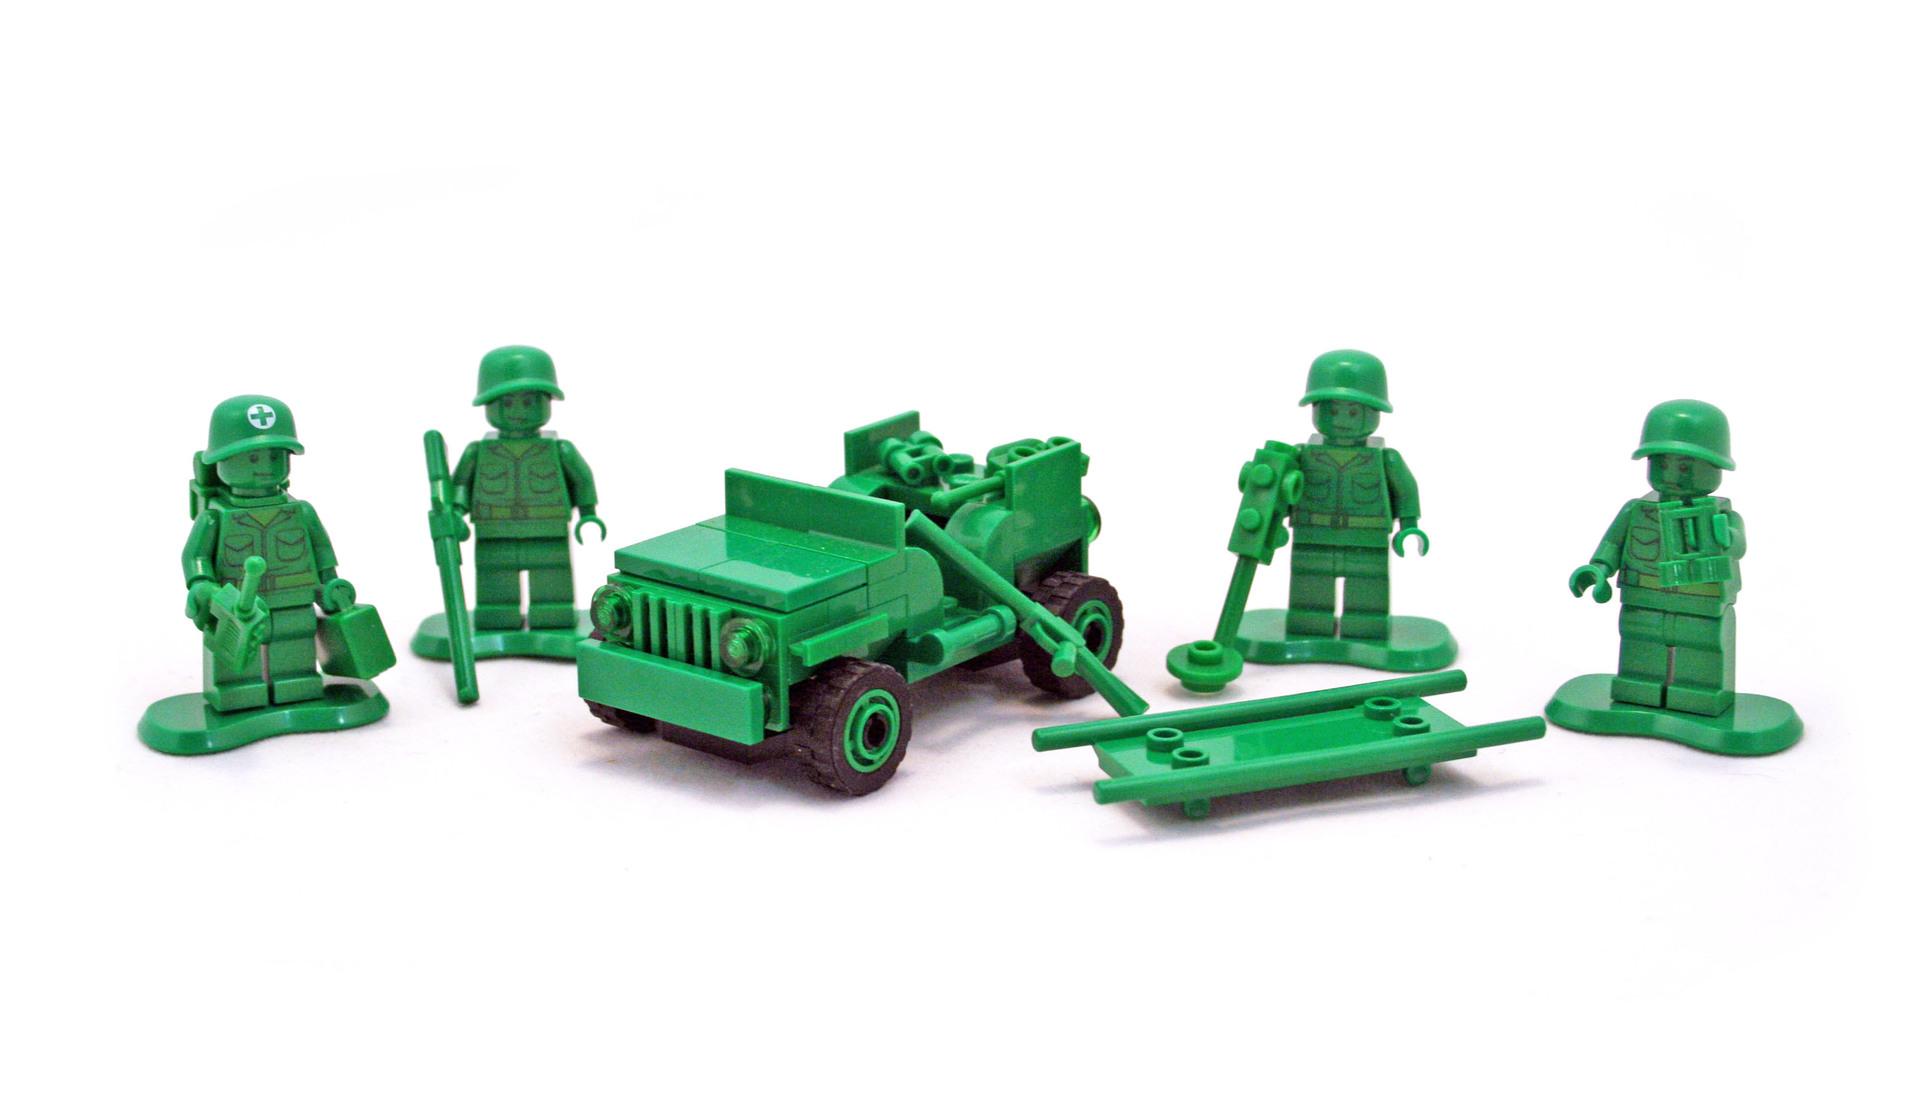 army men on patrol lego set 7595 1 building sets toy story. Black Bedroom Furniture Sets. Home Design Ideas